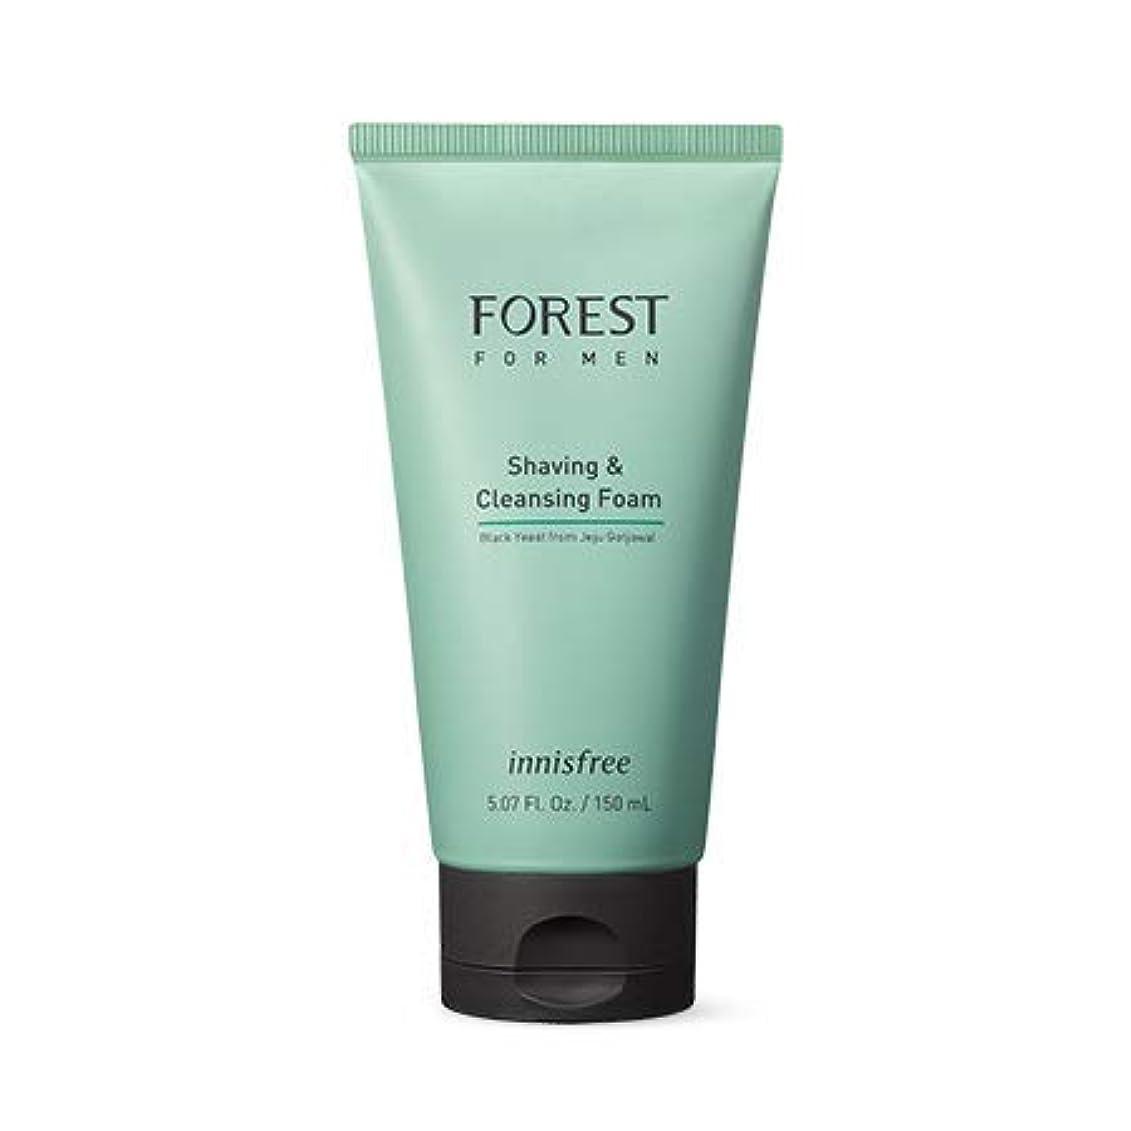 ロバ居間大人[イニスフリー.innisfree]フォレストフォアマンシェービング&クレンジングフォーム150mL(2019.05新製品)/ Forest for Men Shaving&Cleansing Foam